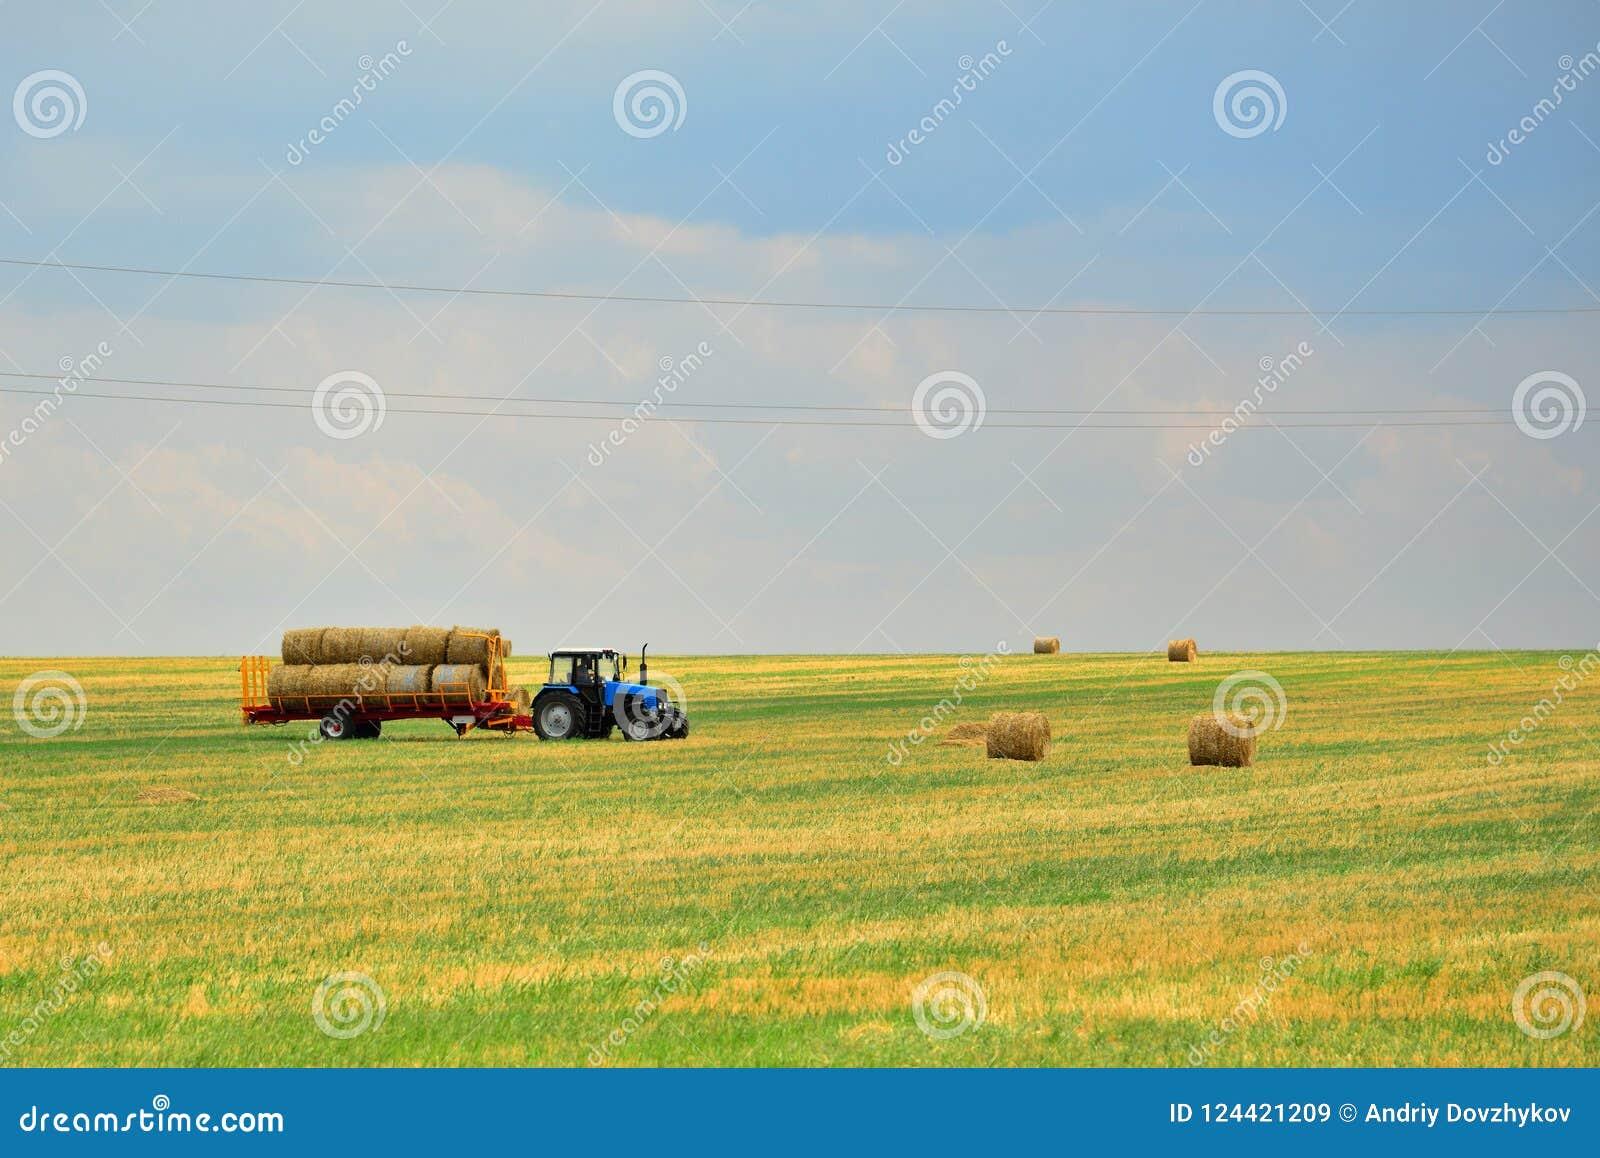 Ciągnik zbiera siano w snopach i bierze je z pola po kośby adra Agroindustrial przemysł